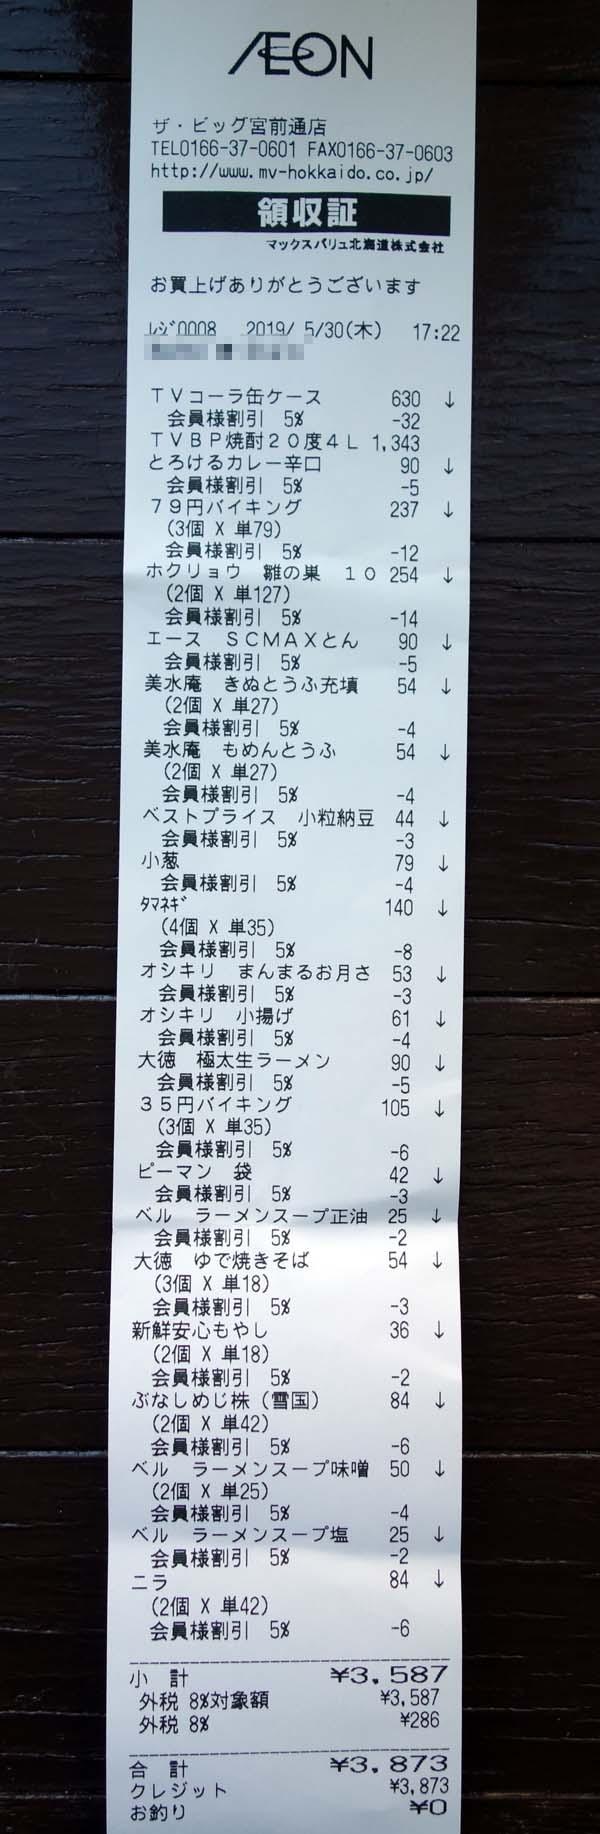 月3万円2人食費生活は成り立っているのか(その3)イオンお客様感謝デーで5%オフ